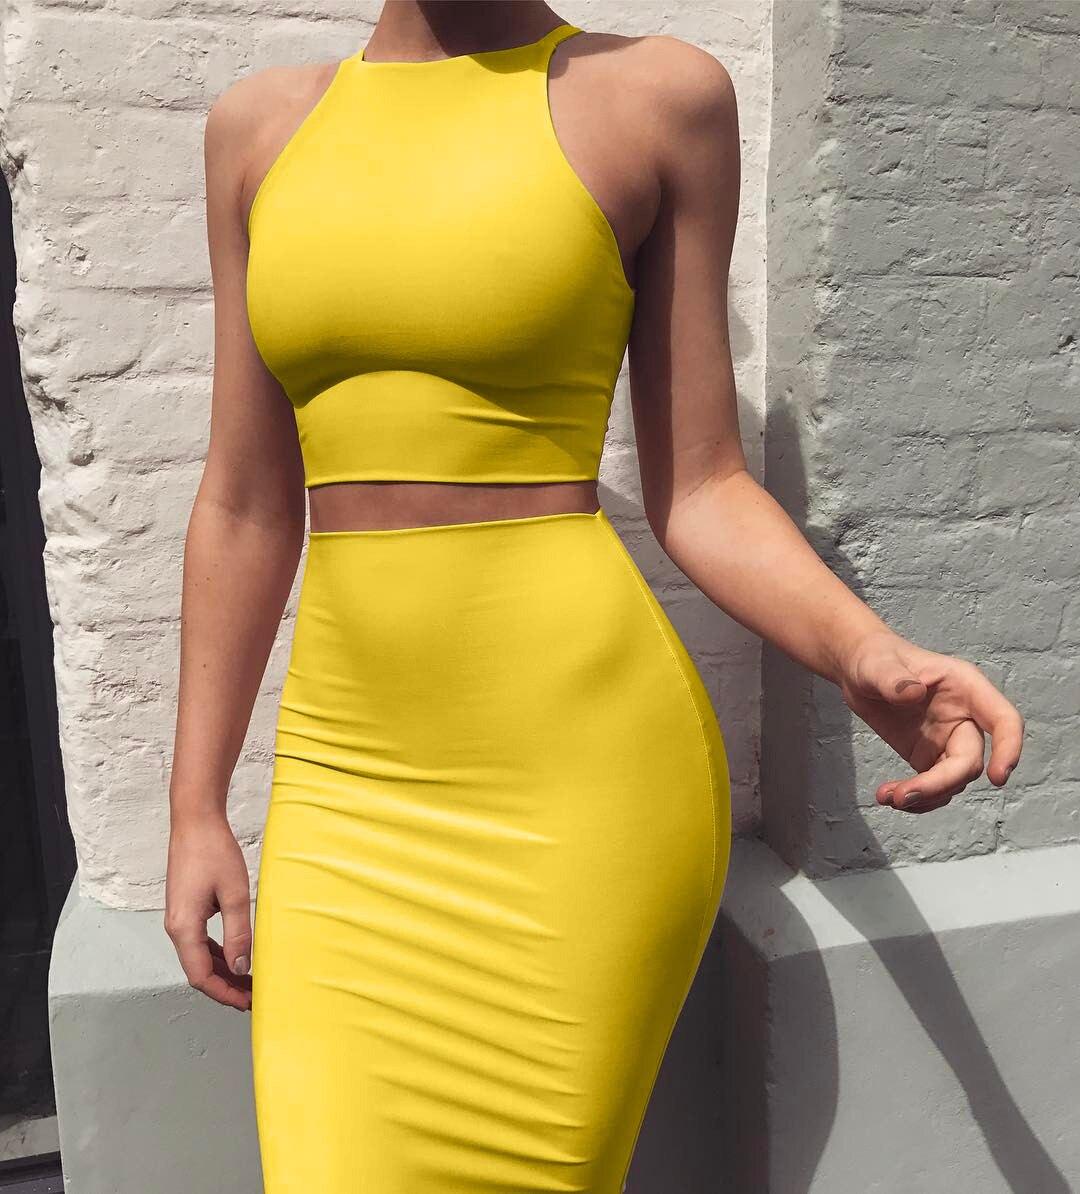 e4819e589d99efd Ким Кардашьян женское платье Ким Кардашьян сексуальное платье плюс размер  платья wrap Not In Love